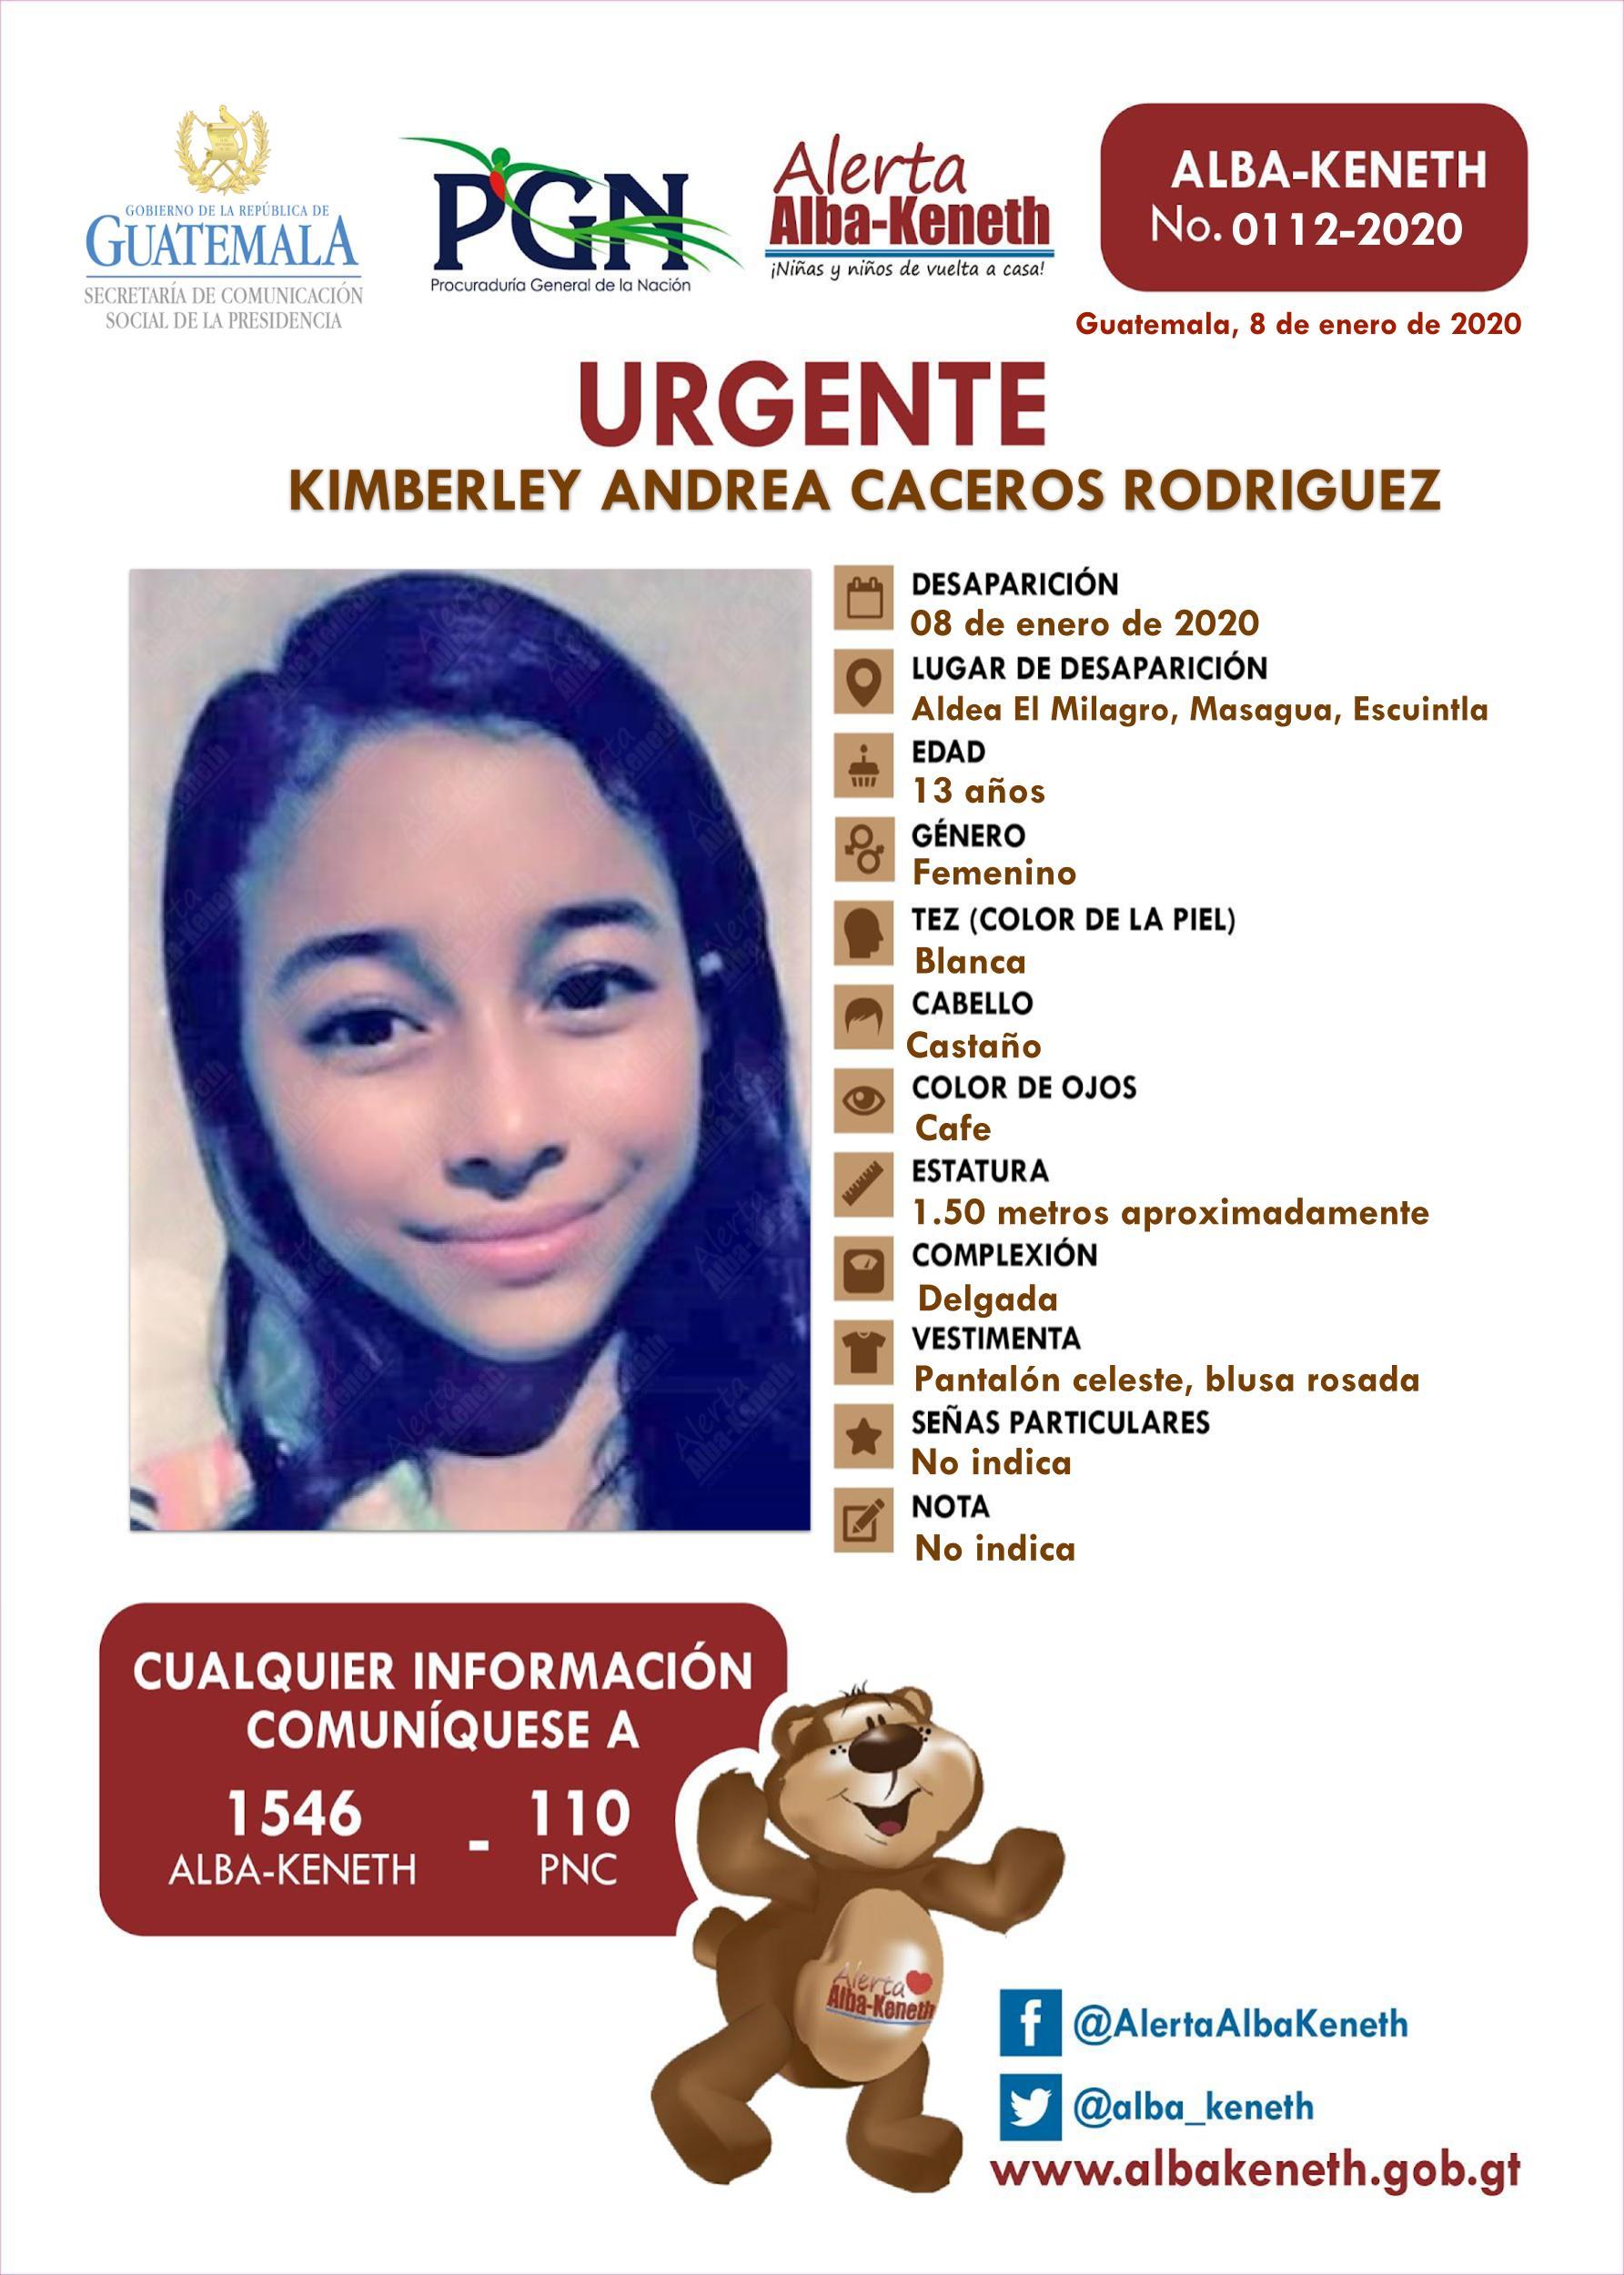 Kimberley Andrea Caceros Rodriguez